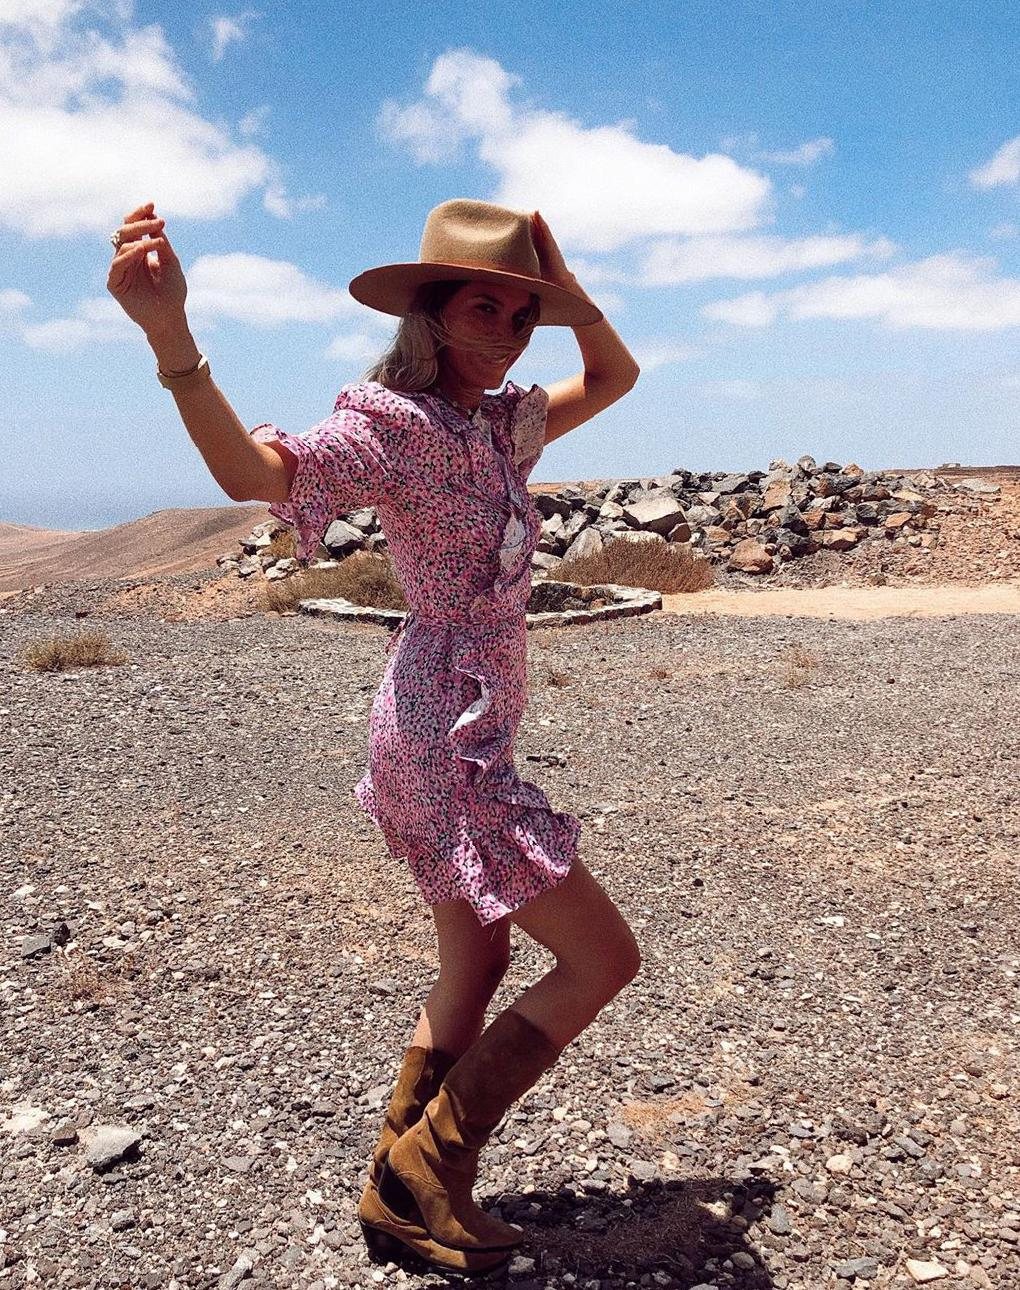 Gorgeous Dress Ideas Images for Summer dress ideas, dress images, summer dress, summer dress ideas, summer dress styles